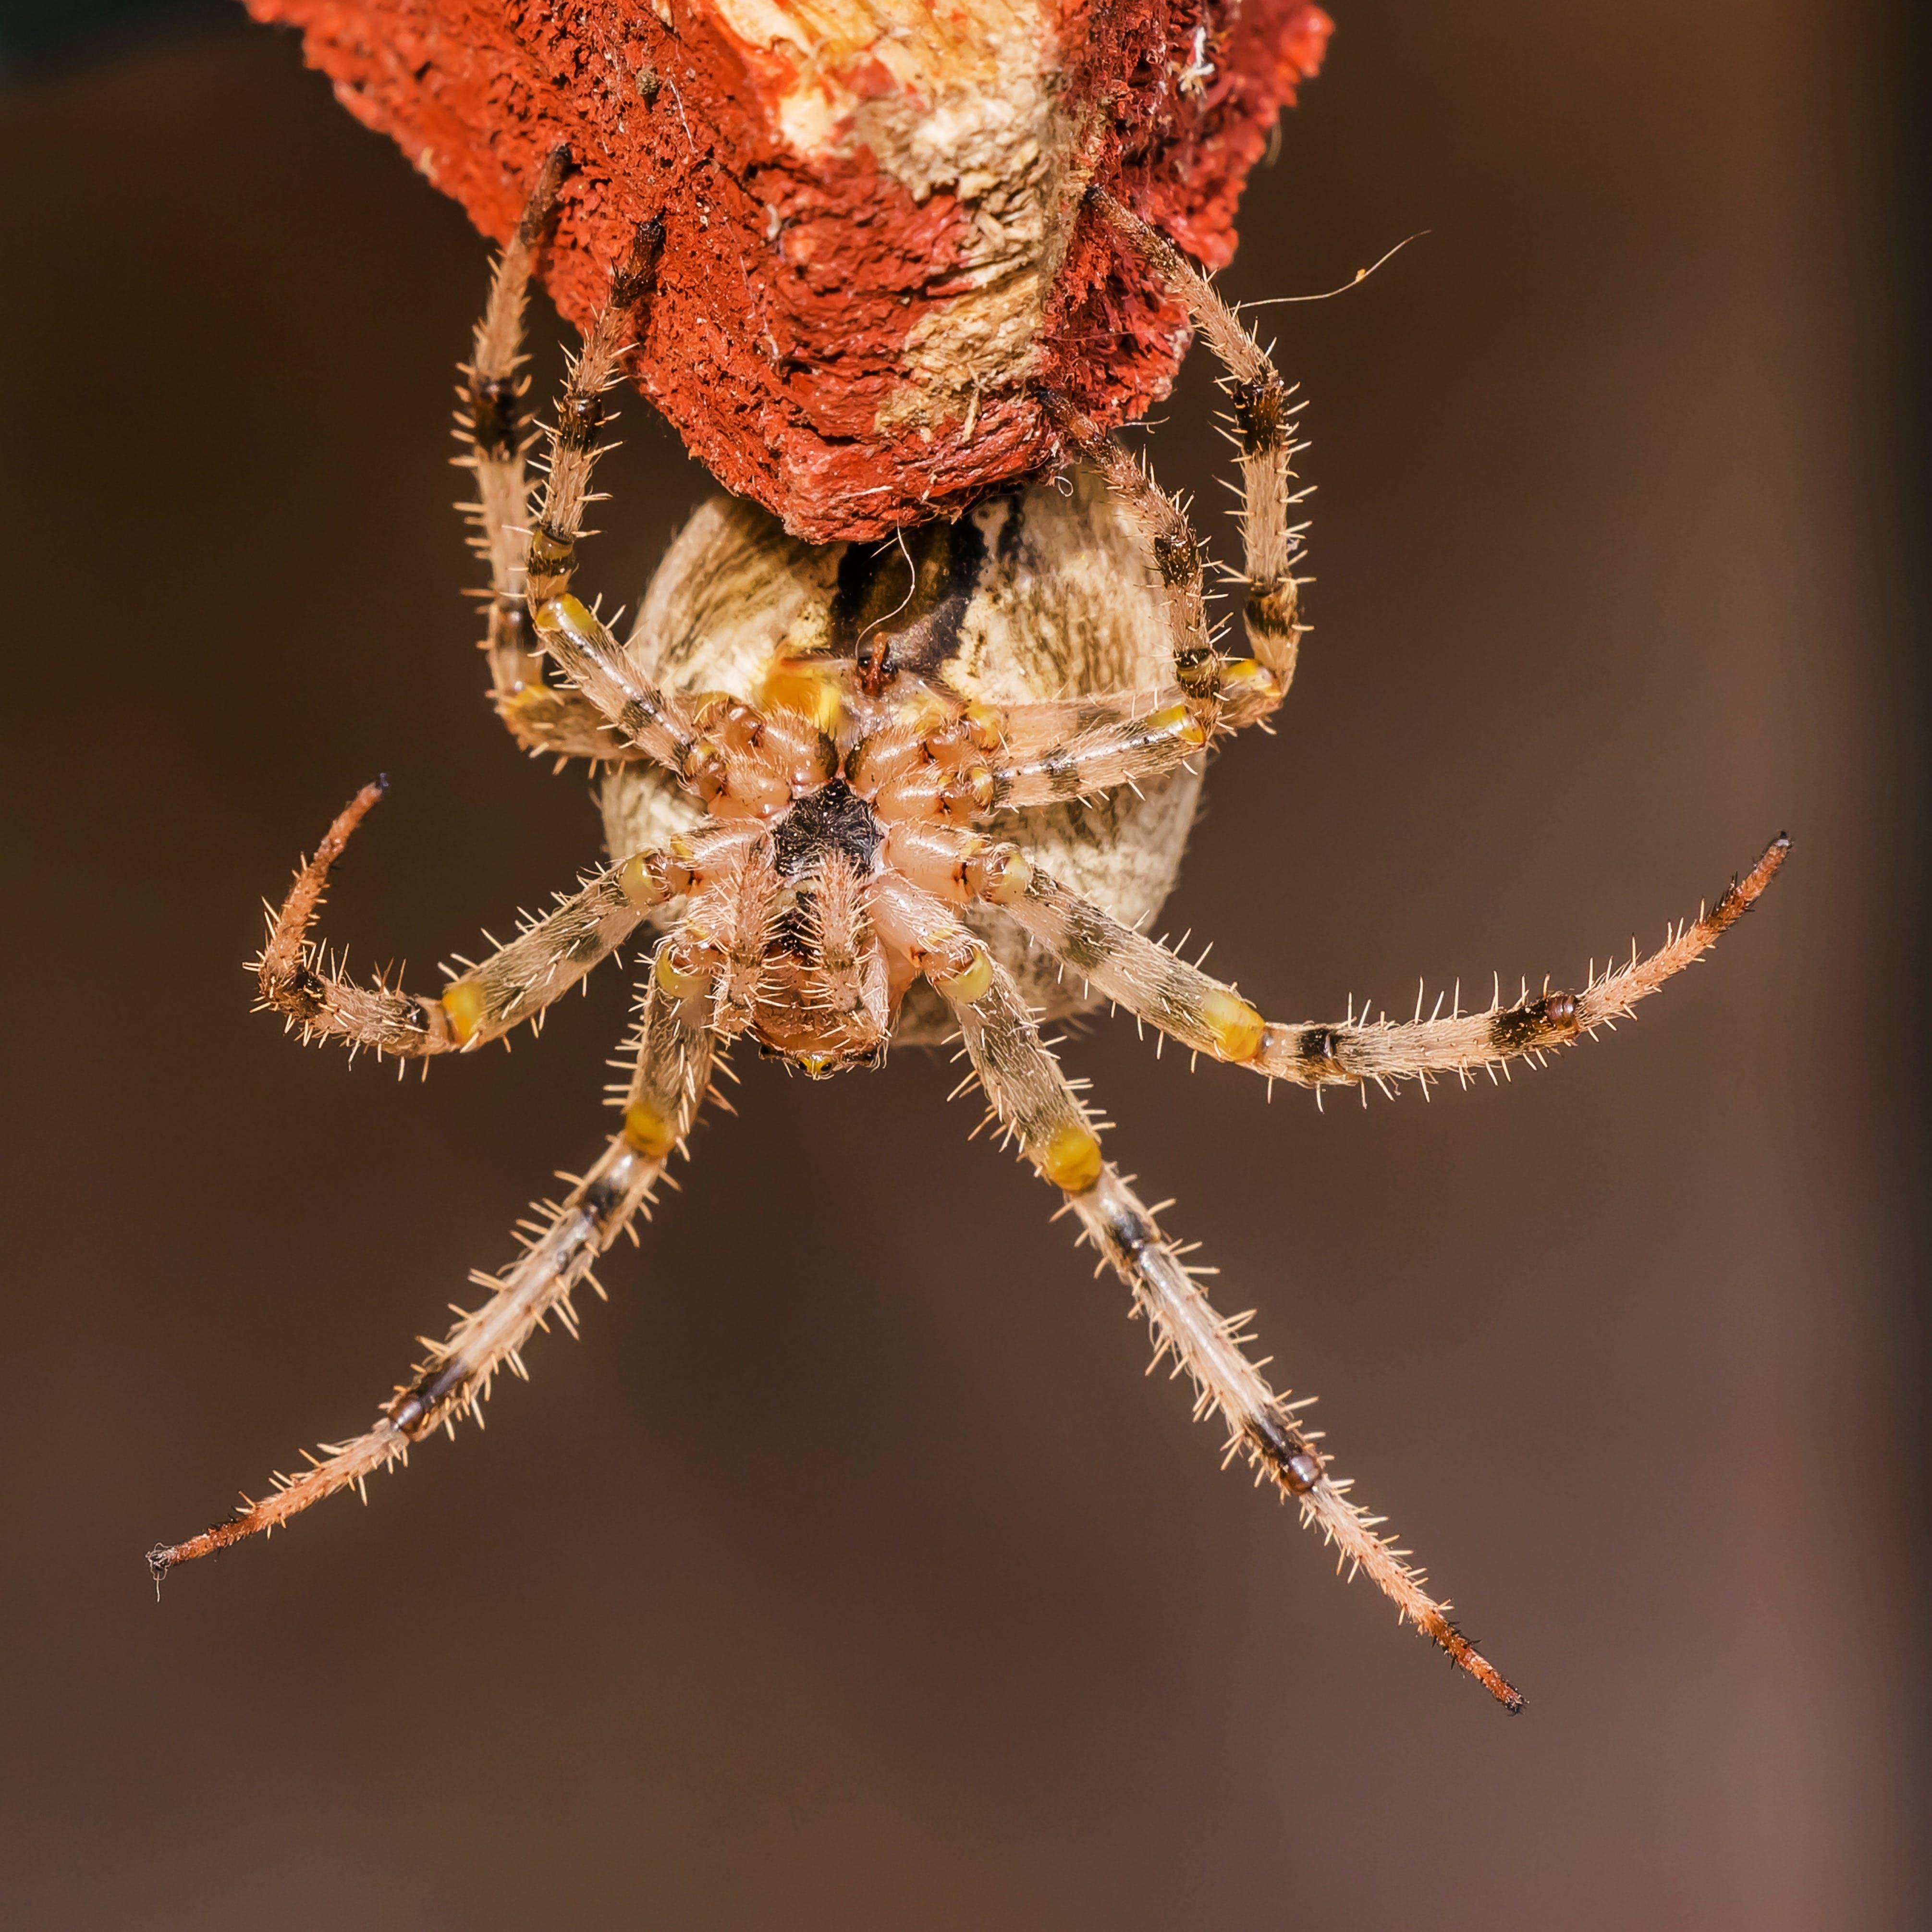 Gratis lagerfoto af behåret, close-up, dyr, edderkop